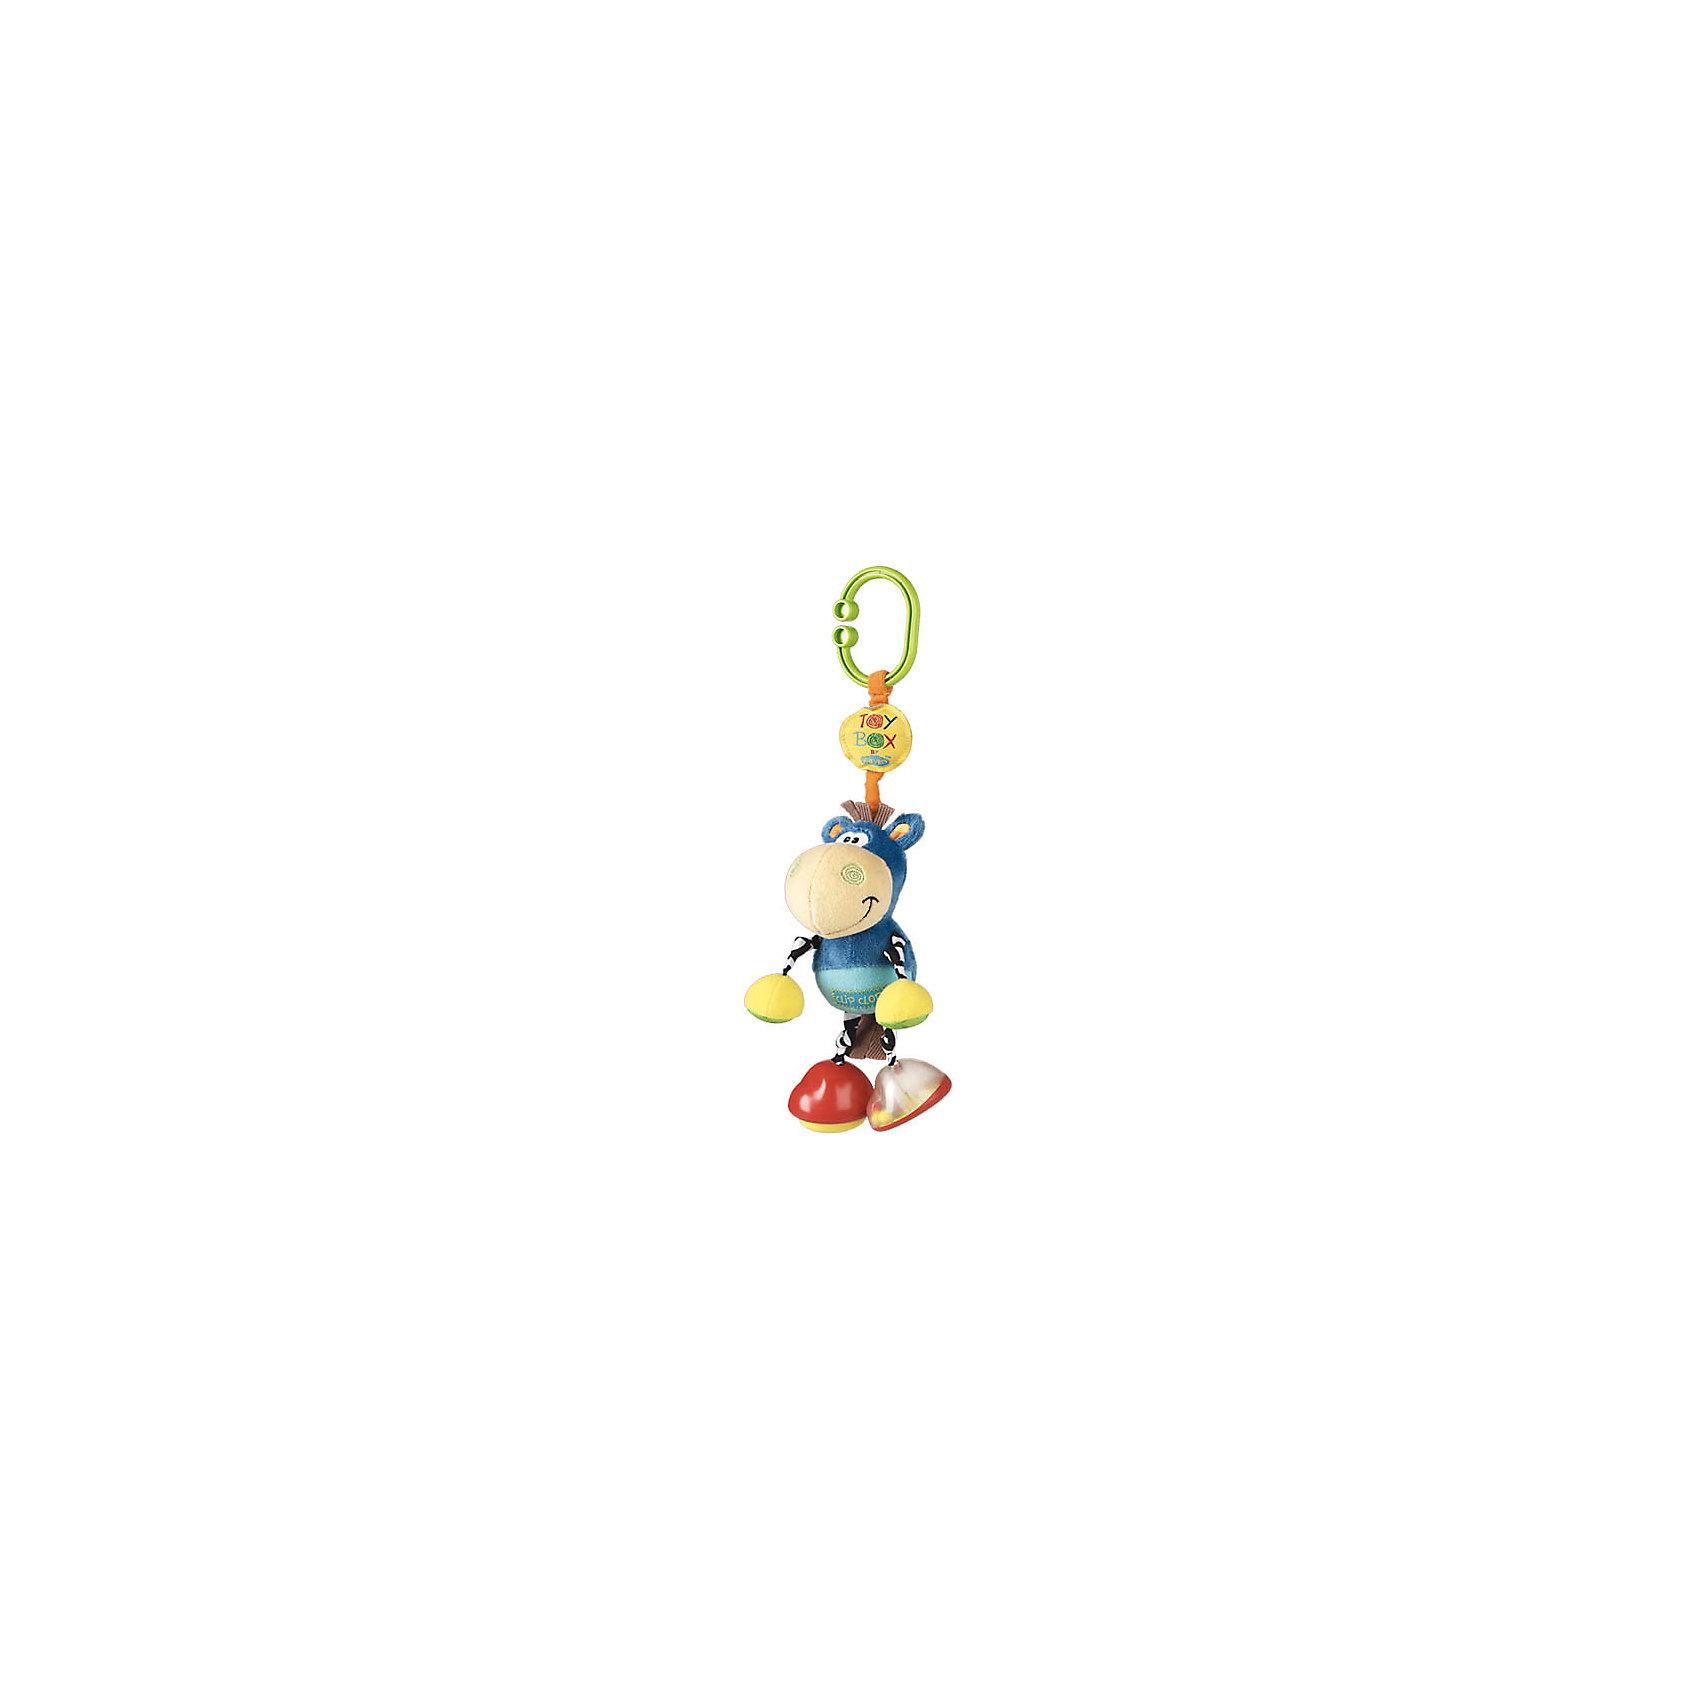 Игрушка-подвеска ОсликИгрушка-подвеска Ослик.<br><br>Характеристики:<br><br>- Цвет: голубой, желтый<br>- Состав: полиэстер, пластик<br><br>Игрушка-подвеска Ослик – отличный выбор, в качестве первой игрушки.  Данная модель  изготовлена из яркой, приятной на ощупь, мягкой ткани со вставками из элементов разной фактуры. Если потянуть игрушку вниз, она завибрирует, пока не вернется в исходное положение. Легко крепится на любой тип коляски с помощью большого зажима. Такая игрушка отлично развивает мелкую моторику малыша, а также тактильное и цветовое восприятие.<br><br>Игрушку-подвеску Ослик можно купить в нашем интернет – магазине.<br><br>Ширина мм: 234<br>Глубина мм: 129<br>Высота мм: 91<br>Вес г: 116<br>Возраст от месяцев: 0<br>Возраст до месяцев: 12<br>Пол: Унисекс<br>Возраст: Детский<br>SKU: 1842399